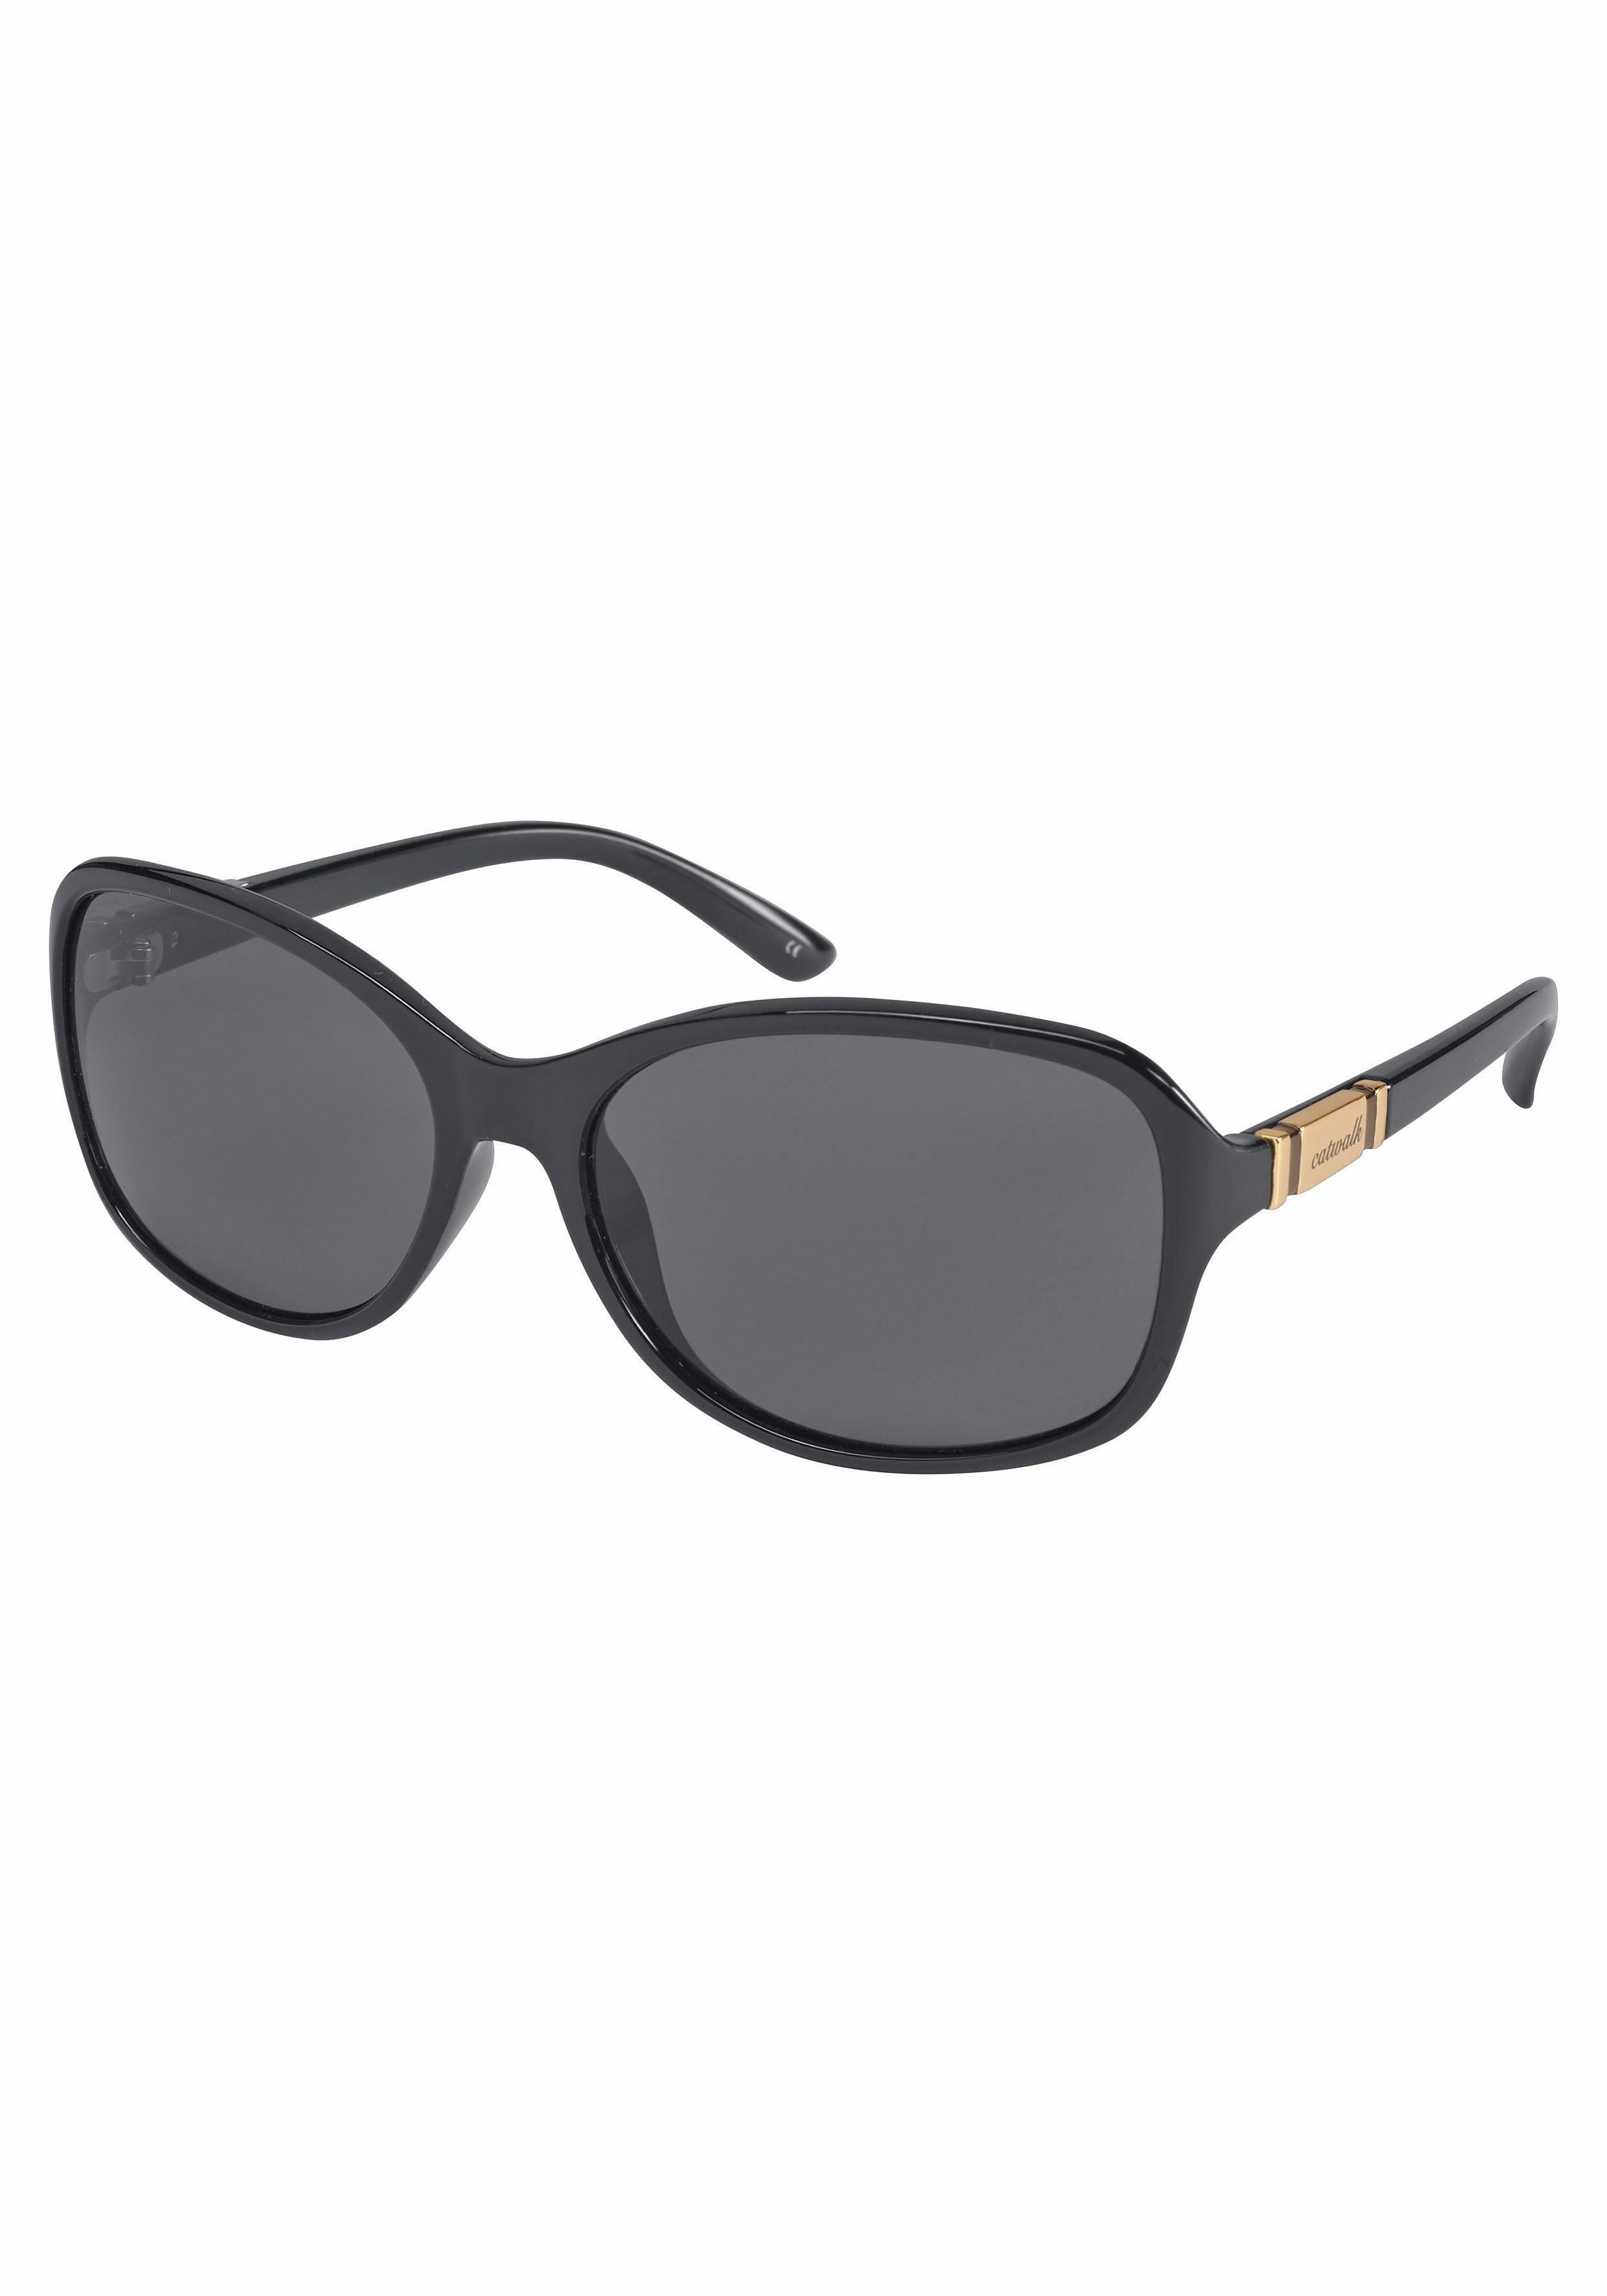 catwalk Eyewear Sonnenbrille mit glänzender Applikation auf dem Bügel